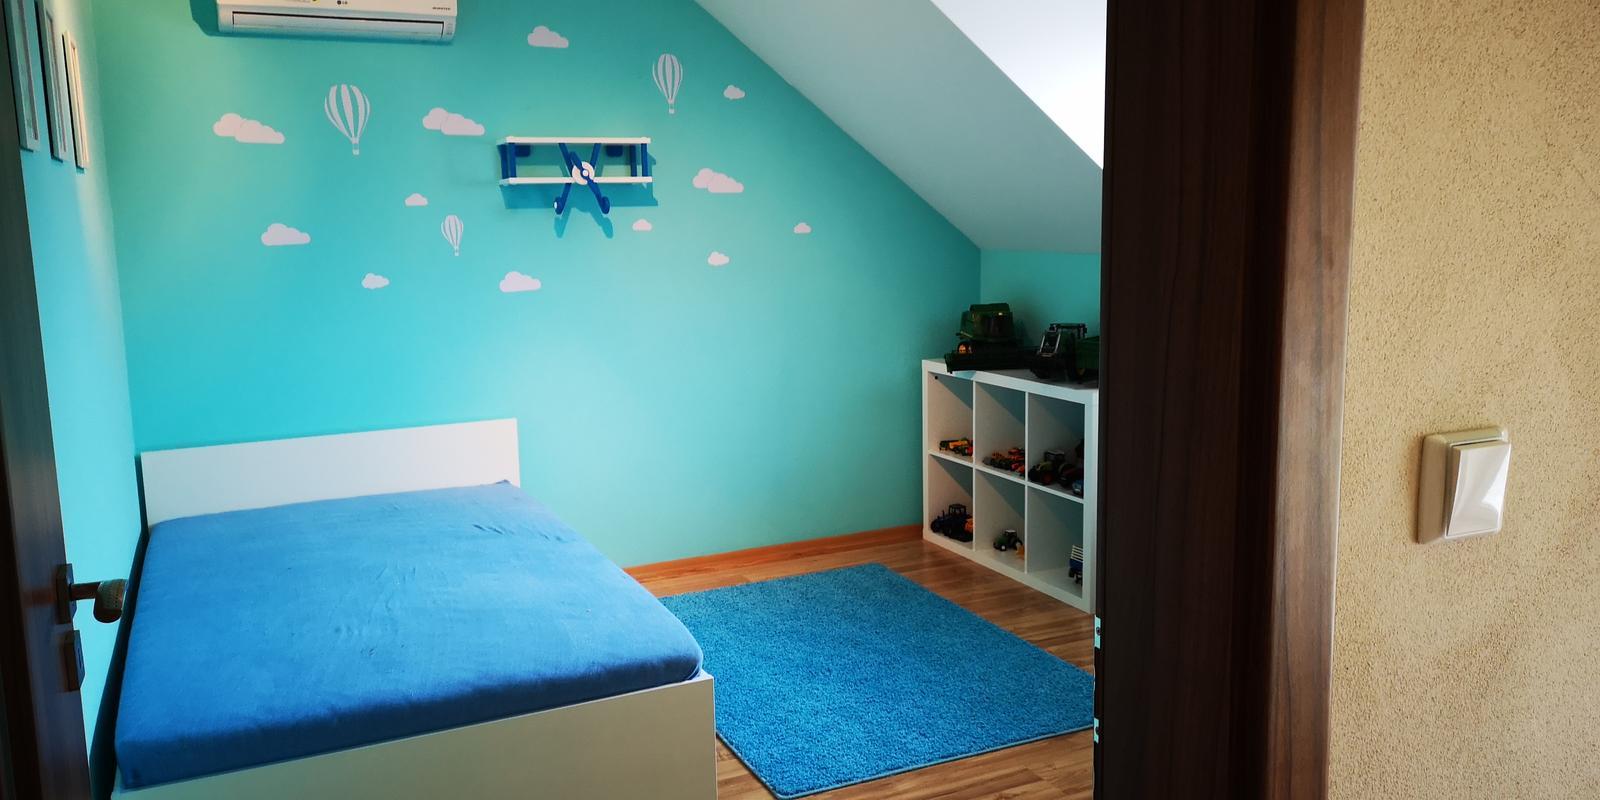 Vybírám pokojík pro prcka - . Pokojíček pro našeho 2,5 leteho syna téměř dokončen. Ještě chybí nějaké drobnosti ale to už dodám postupně.